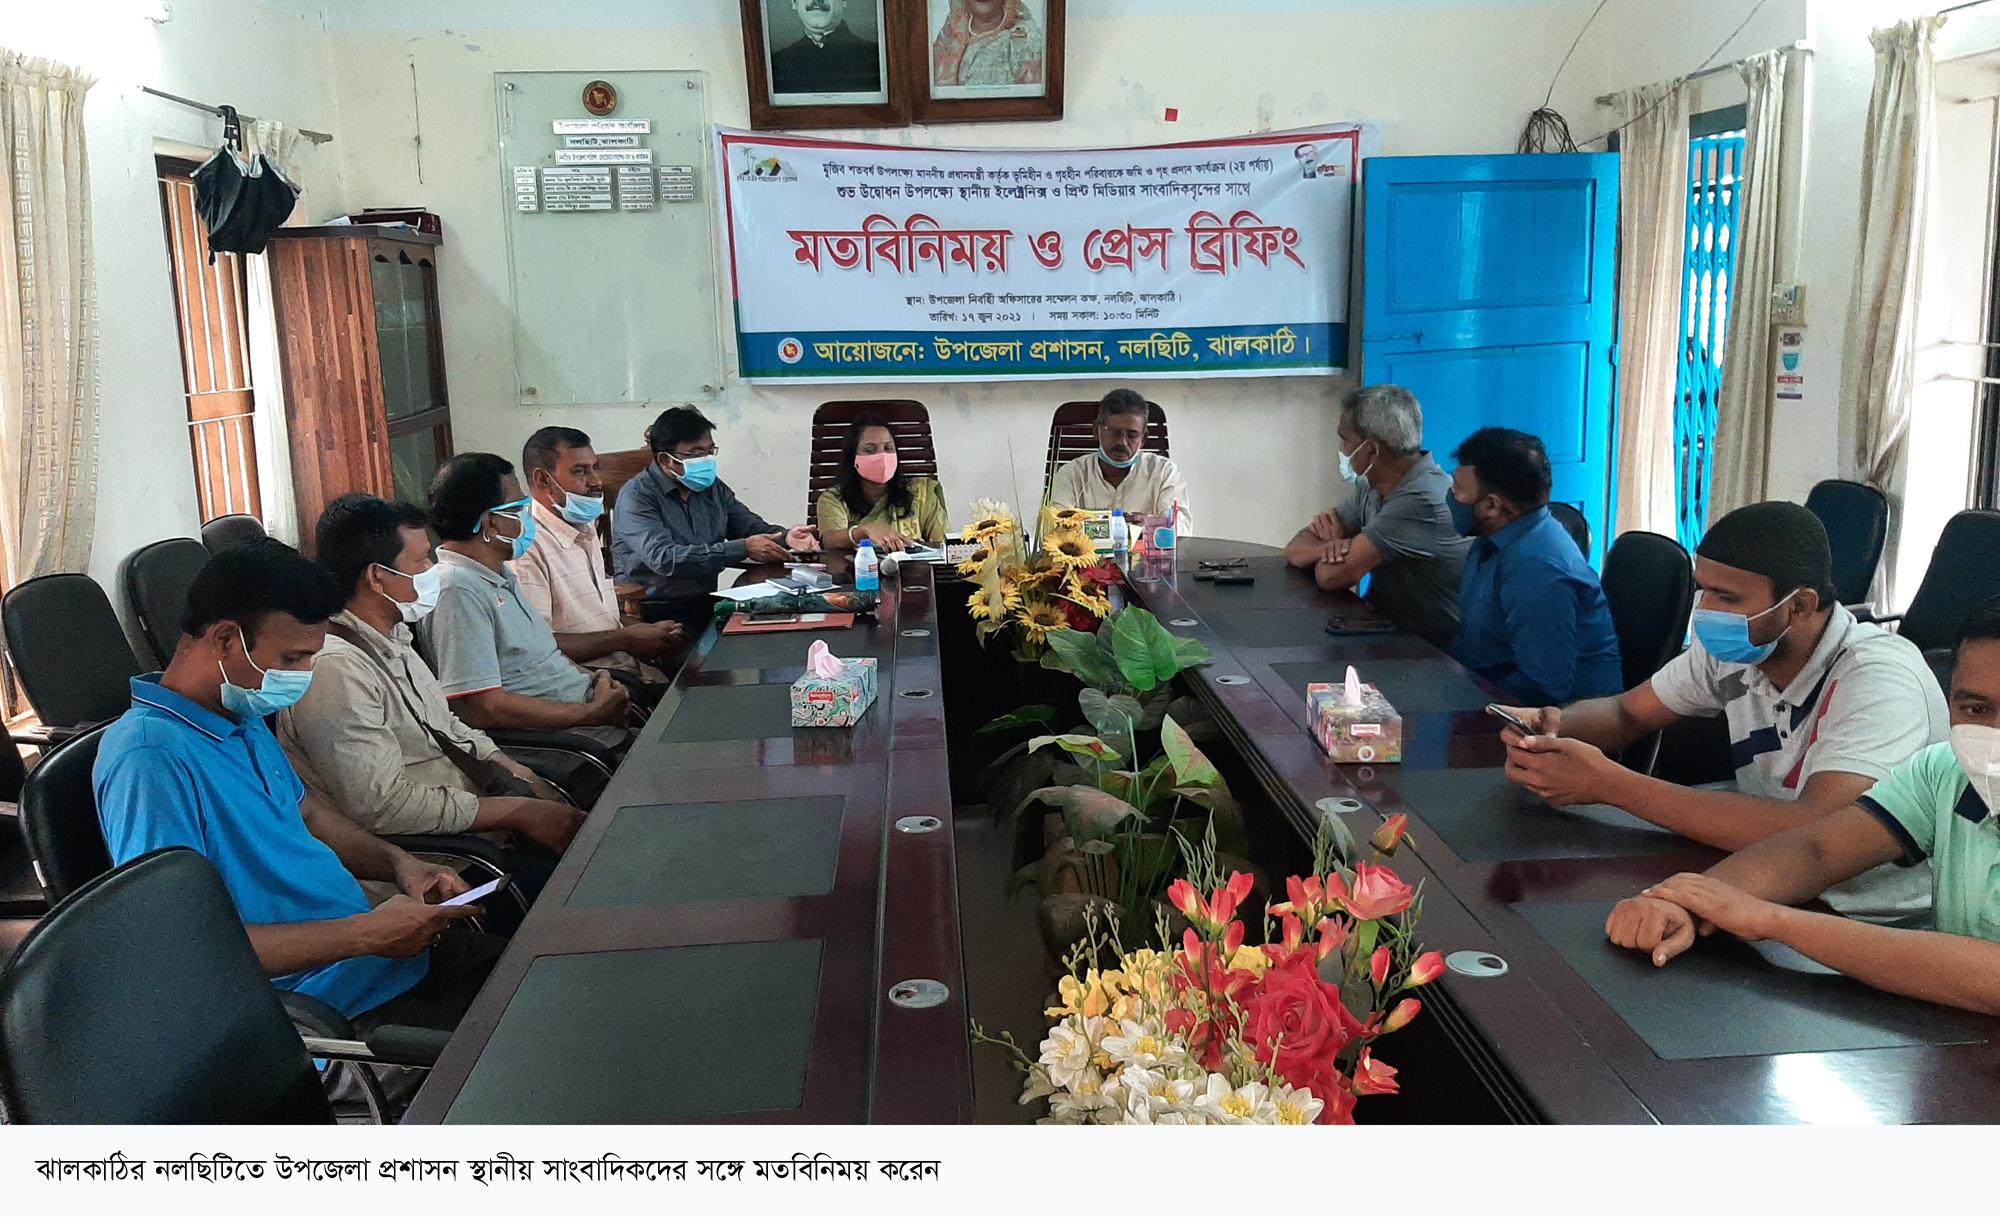 নলছিটিতে সাংবাদিকদের সঙ্গে উপজেলা প্রশাসনের মতবিনিময়